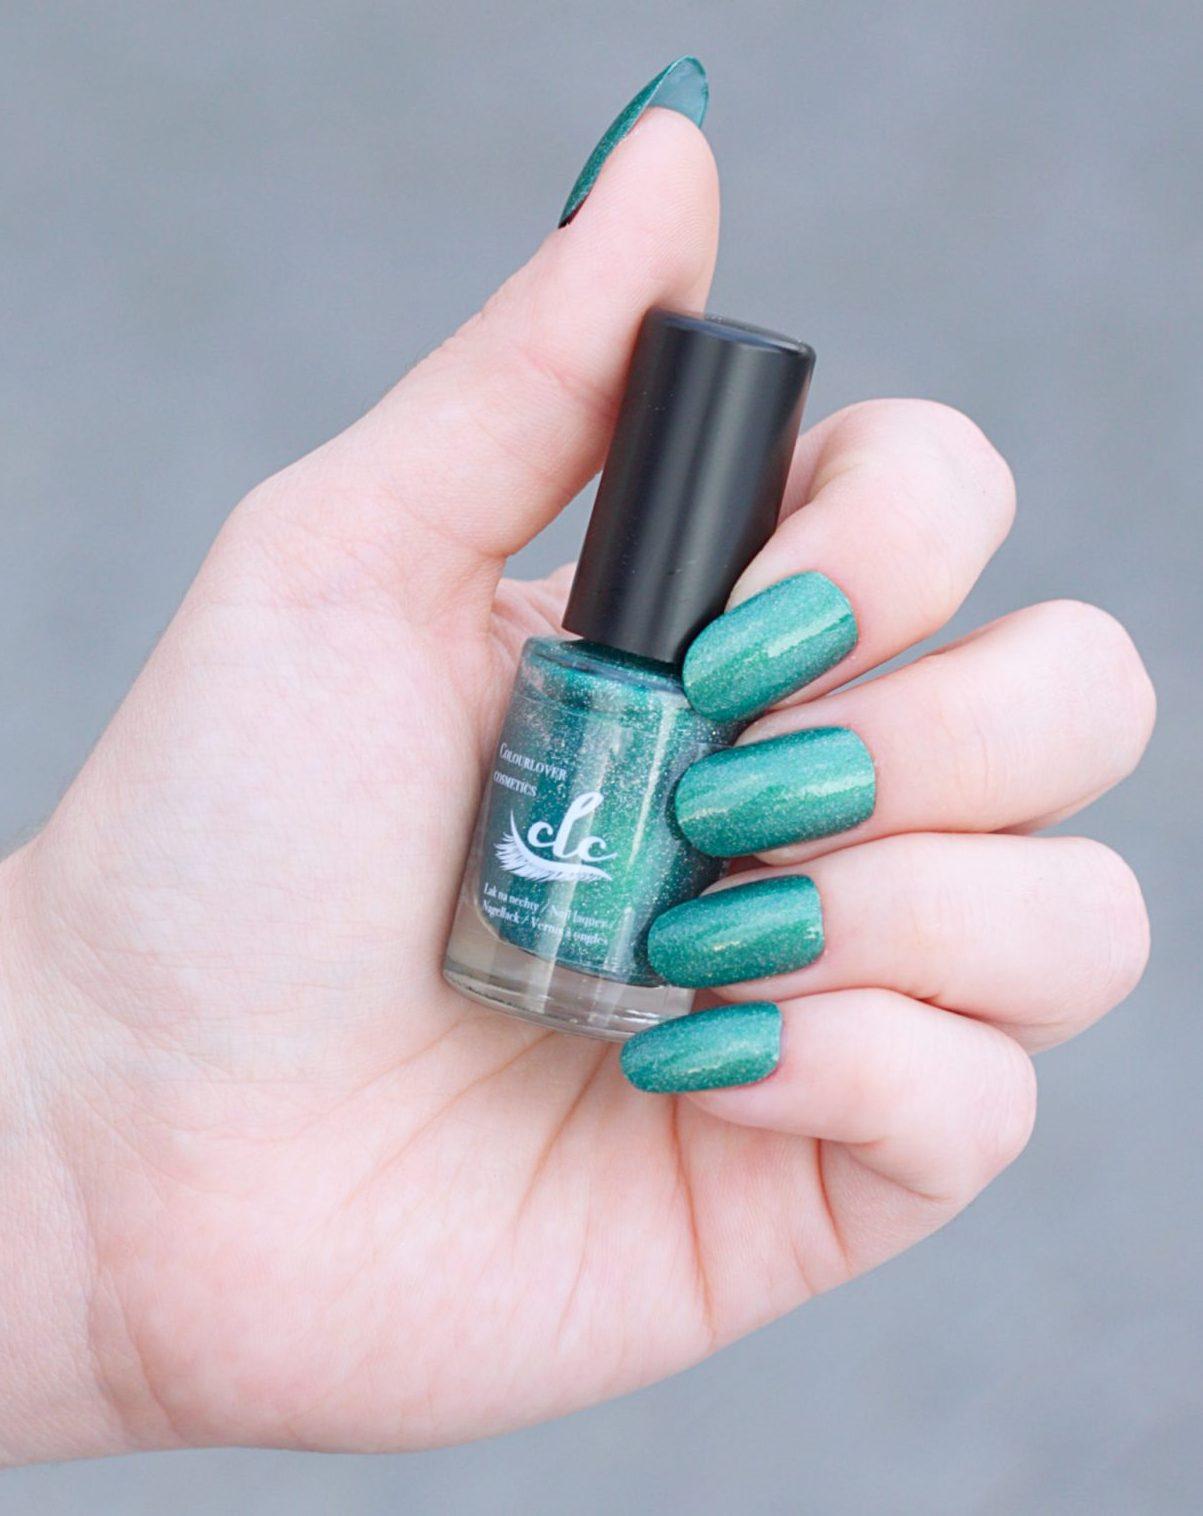 Colour Lovr Cosmetics Emerald